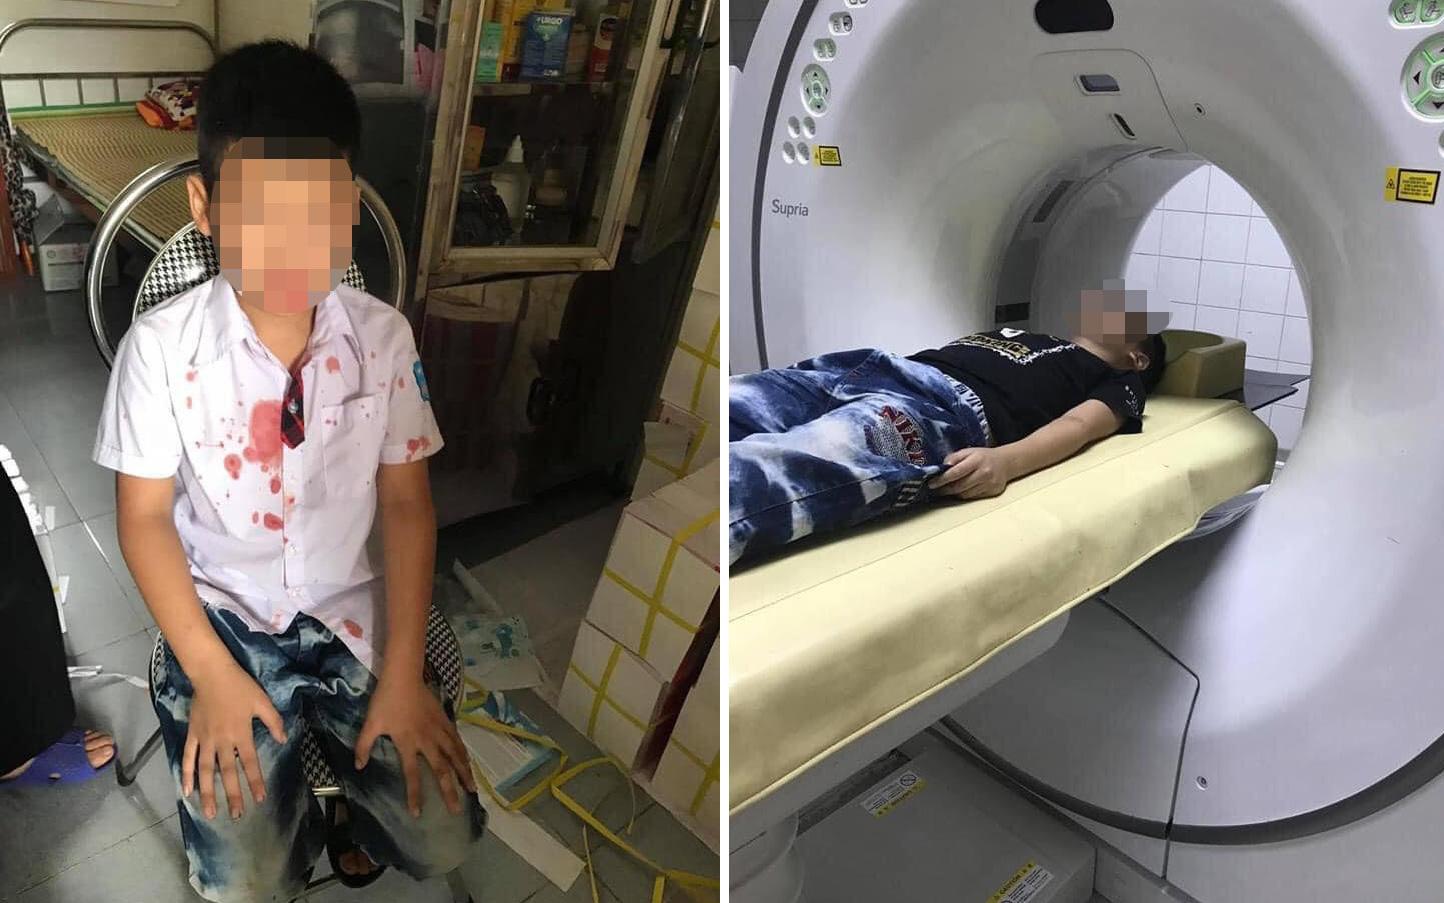 Xôn xao thông tin bé trai tiểu học bị phụ huynh cùng lớp ''bắt cóc'' ra ngoài, đánh chảy máu miệng vì trót giật mũ của bạn